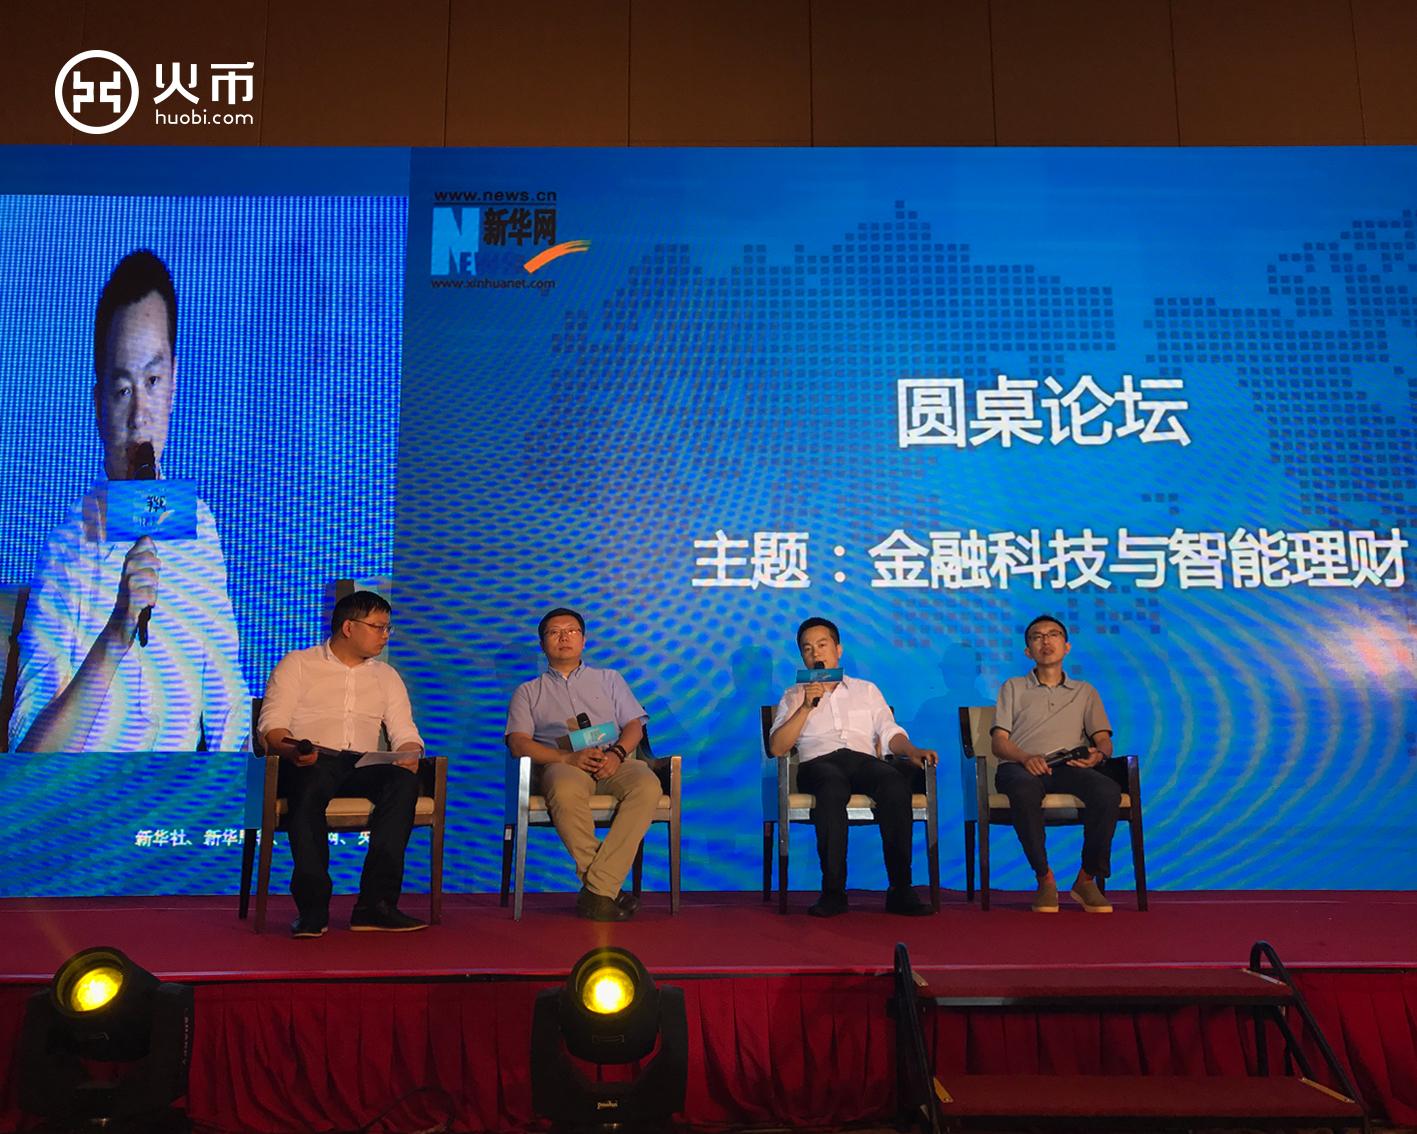 2017国家金融科技高峰论坛 火币网COO朱嘉伟讲话